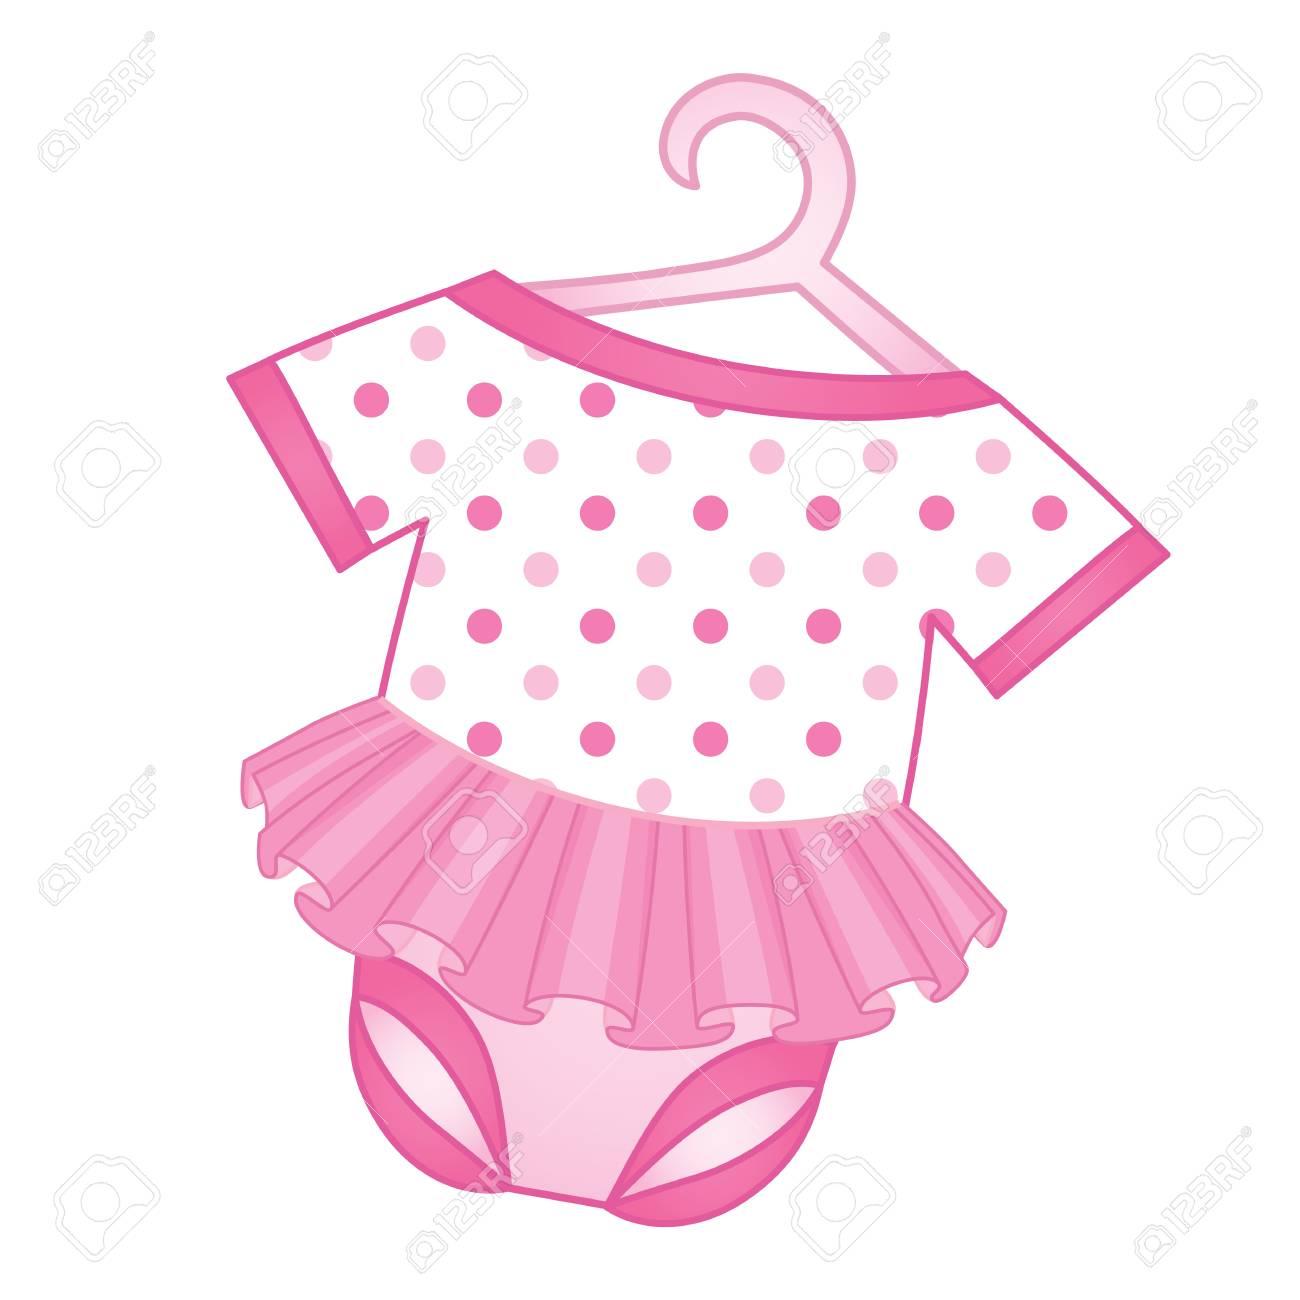 9693f2570 Foto de archivo - Mono de vector para niña. Mameluco del vector para la niña.  Ilustración de vector de mono de niña bebé.